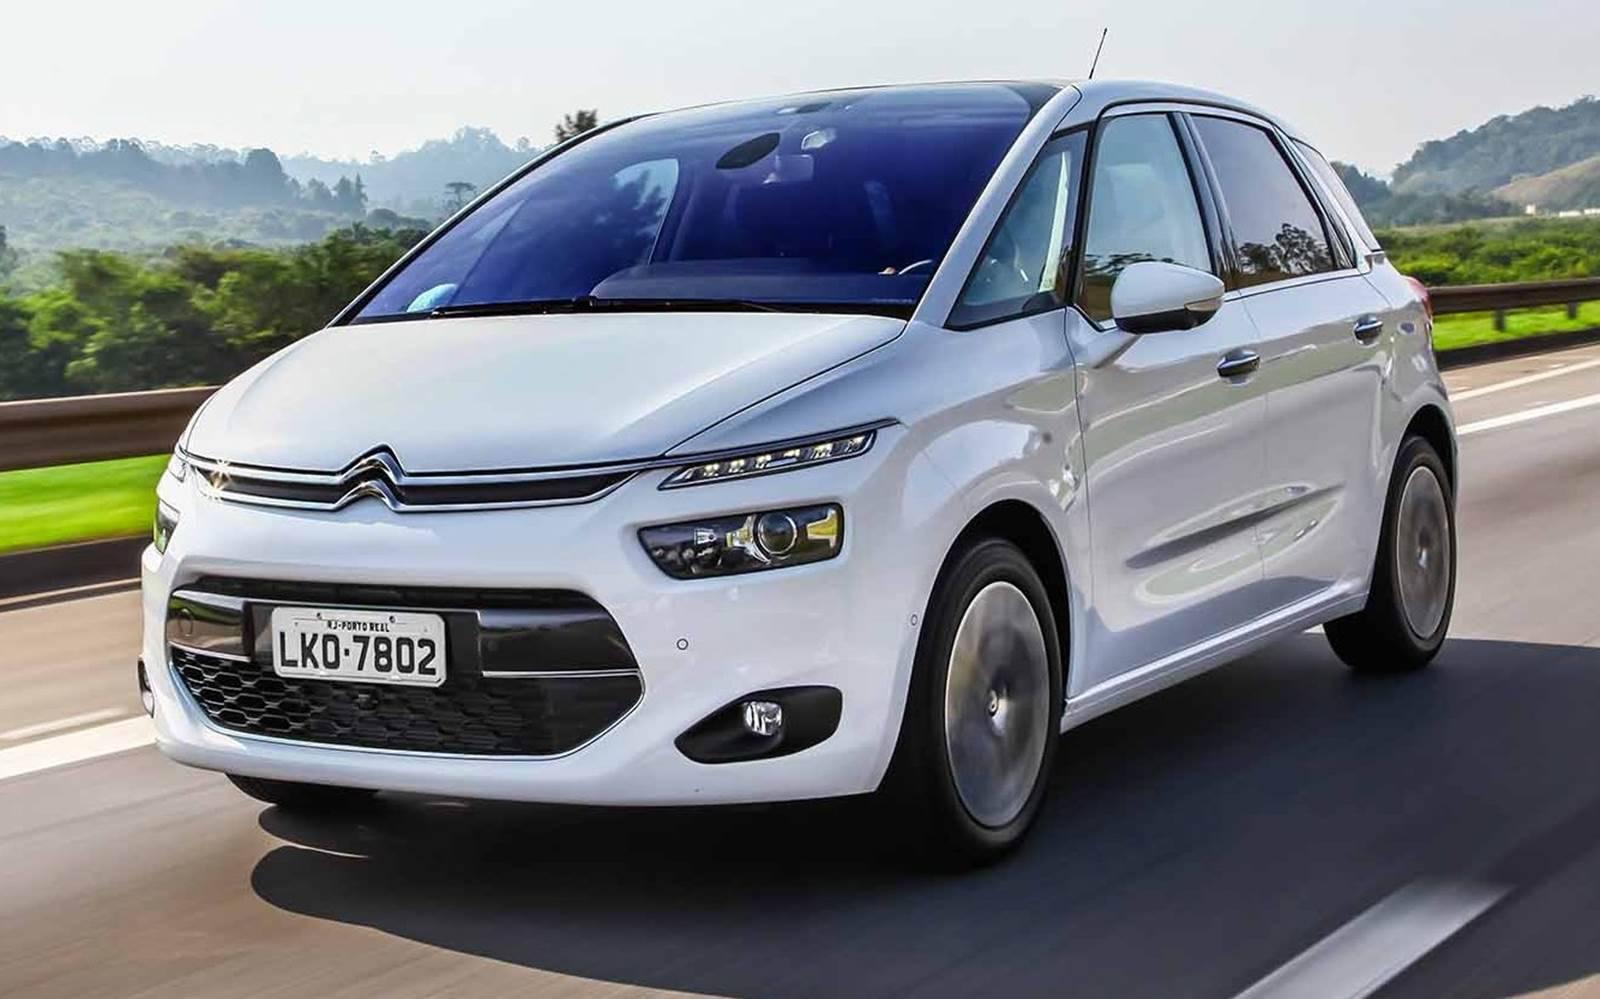 Foto: Citroën/ Divulgação